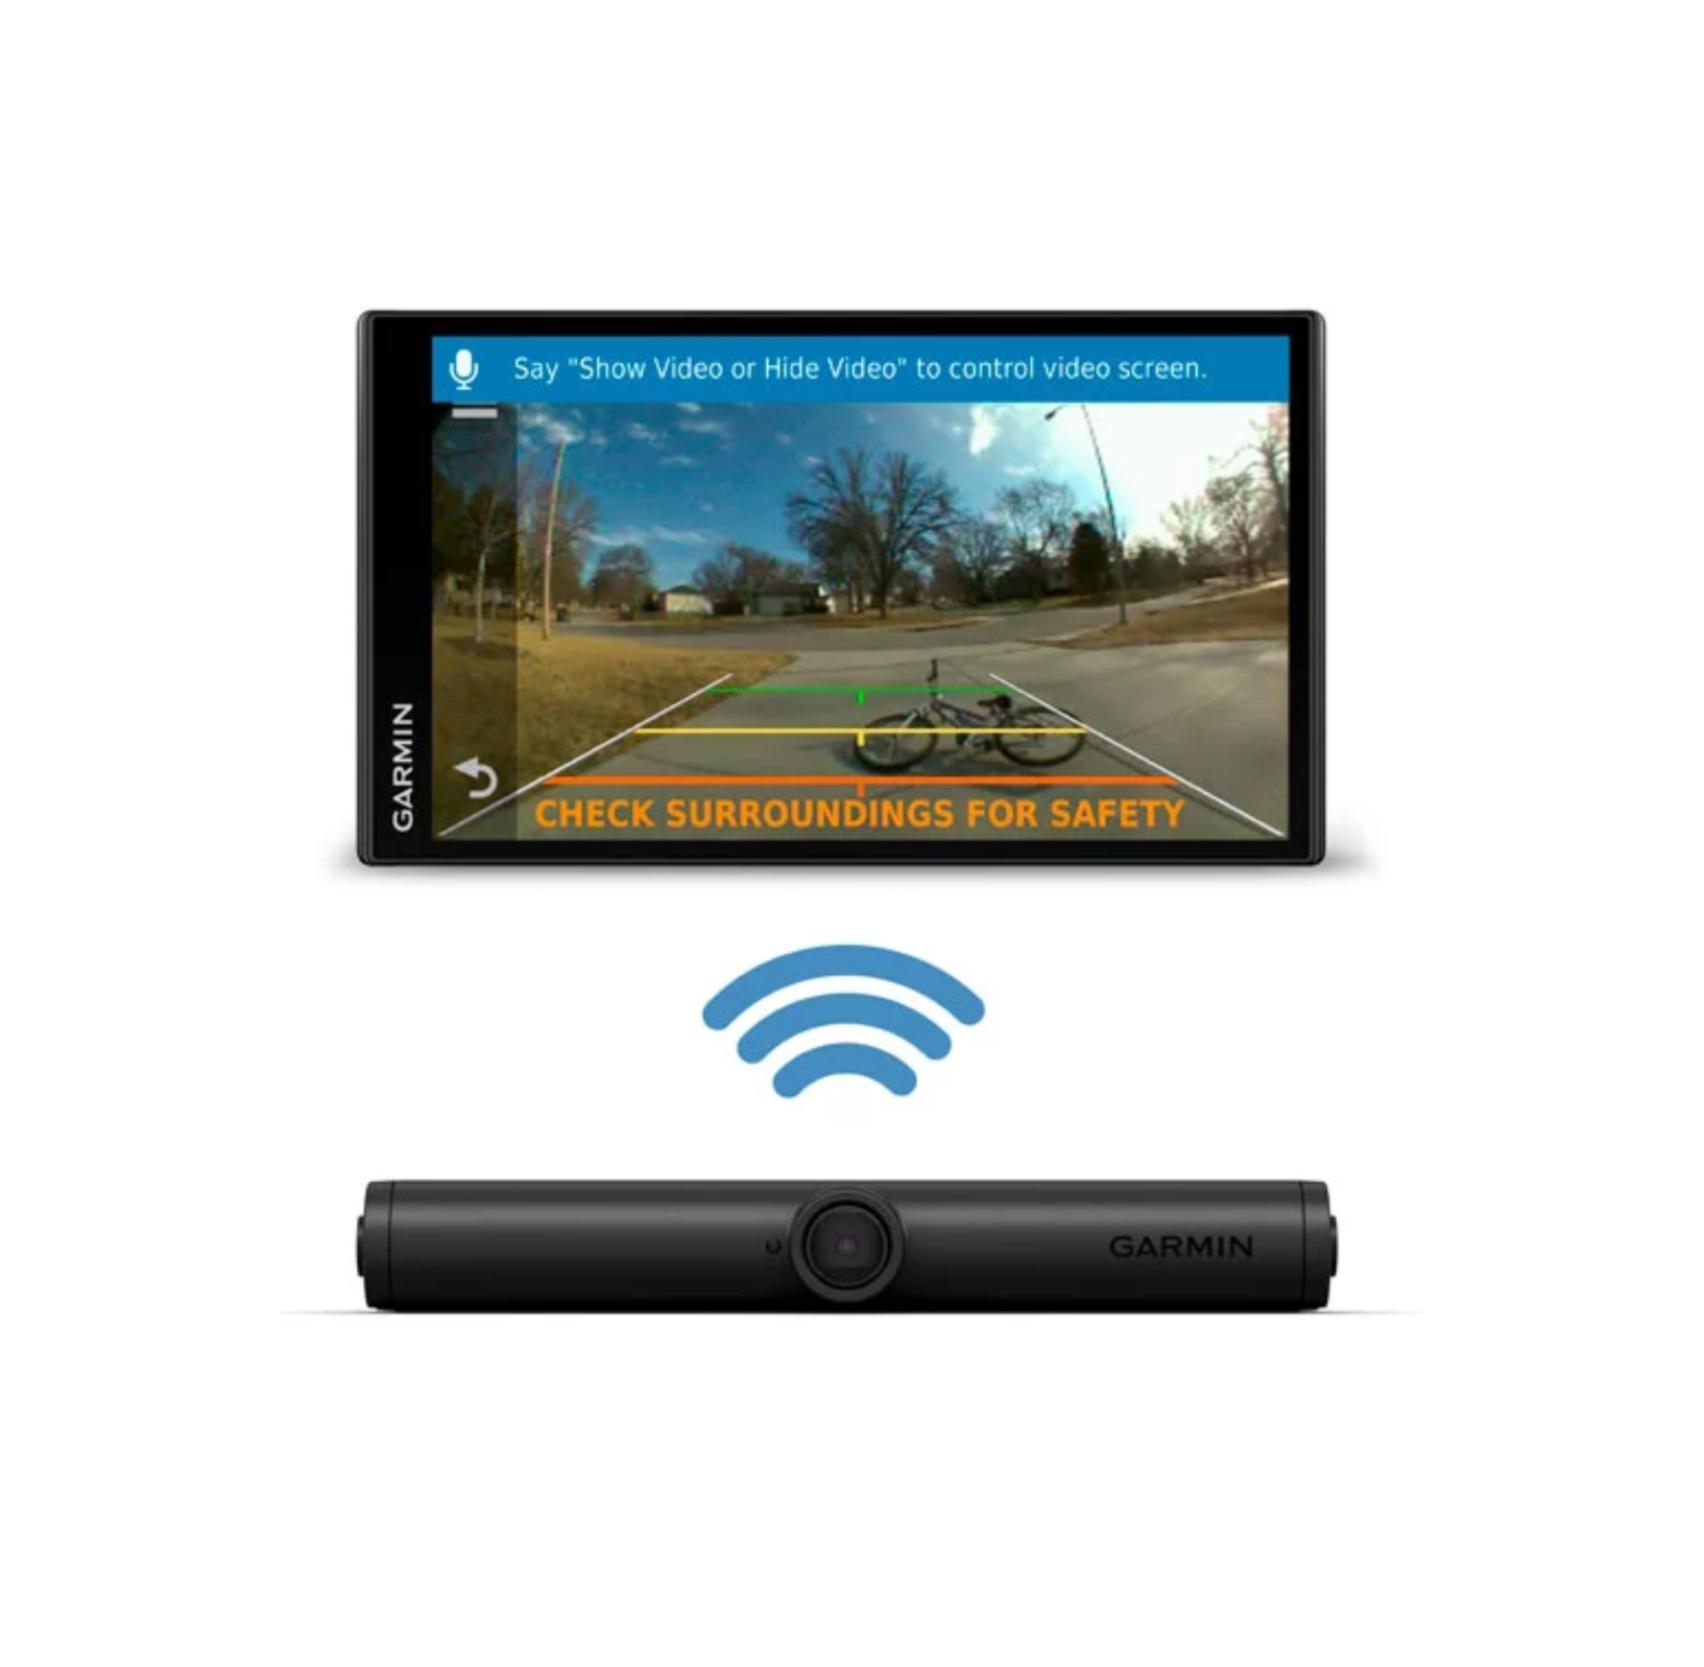 GARMIN Garmin BC40 Wireless camera